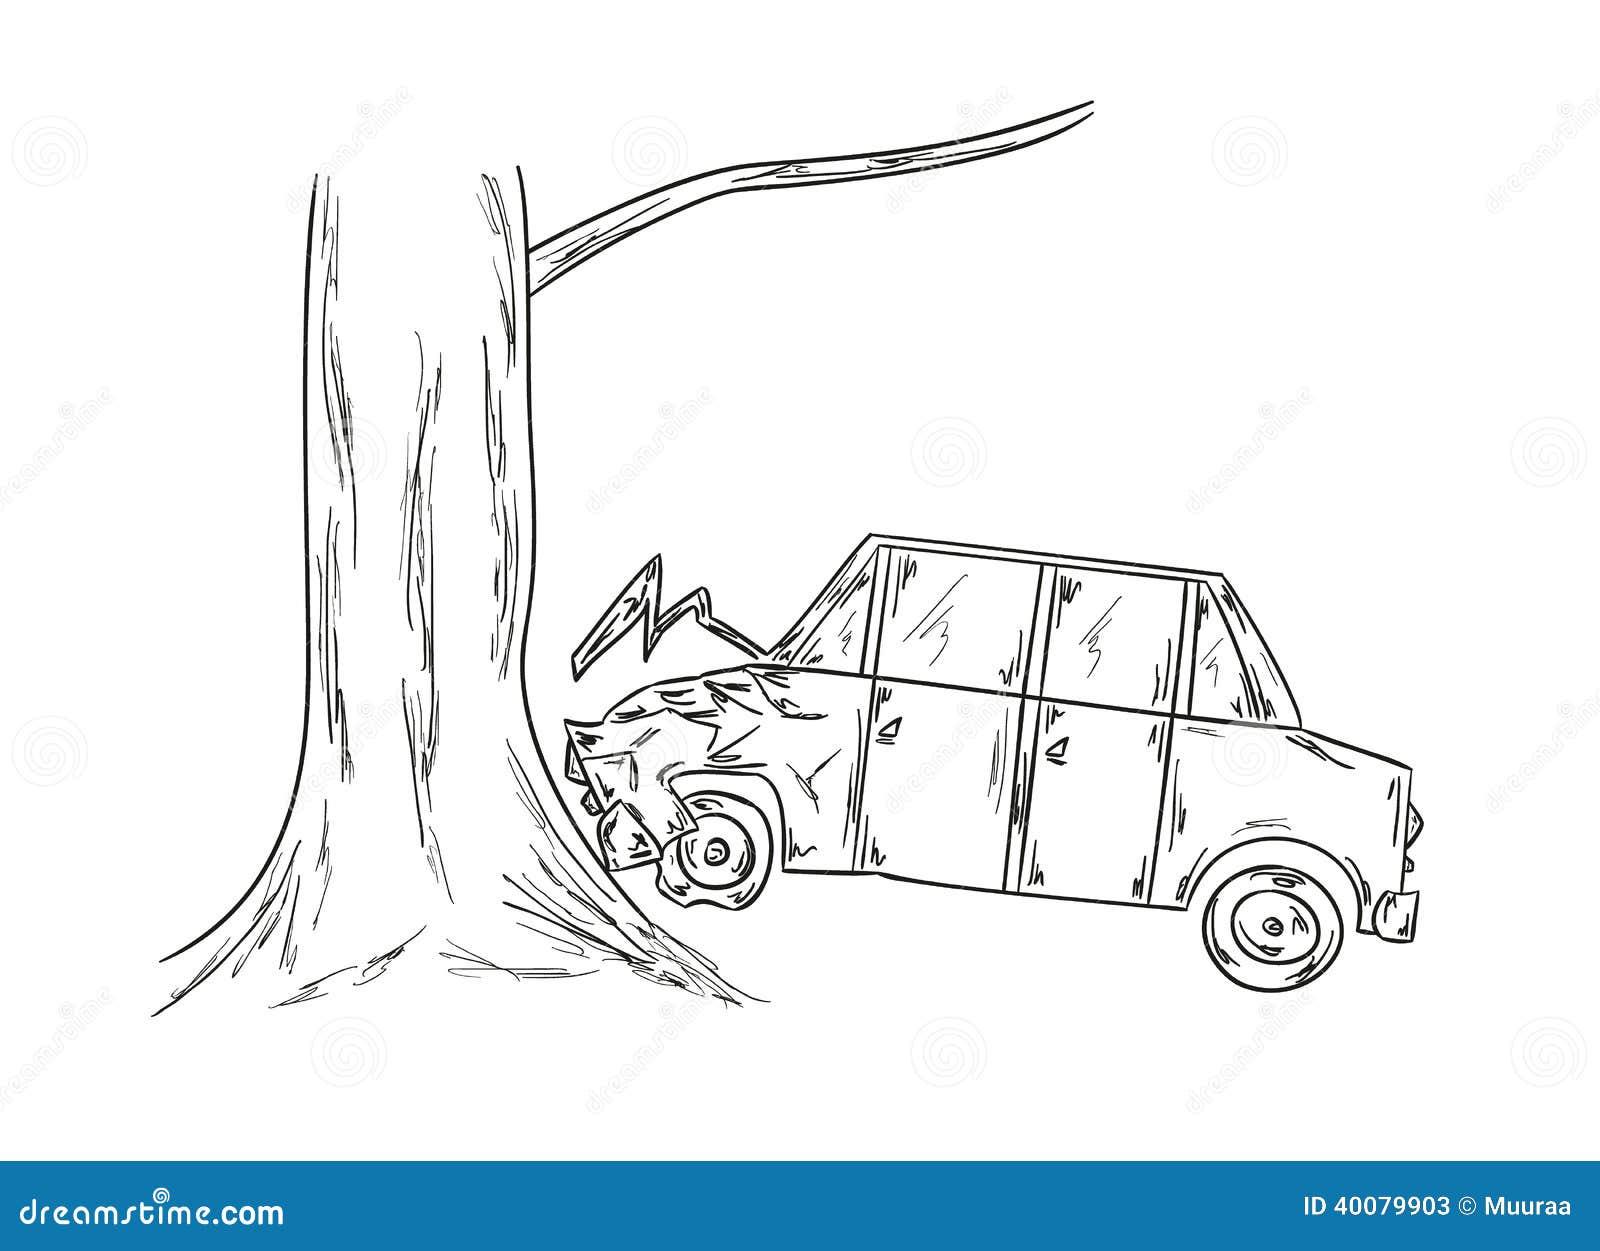 Croquis d 39 accident de voiture illustration de vecteur illustration du danger omnibus 40079903 - Accident de voiture dessin ...